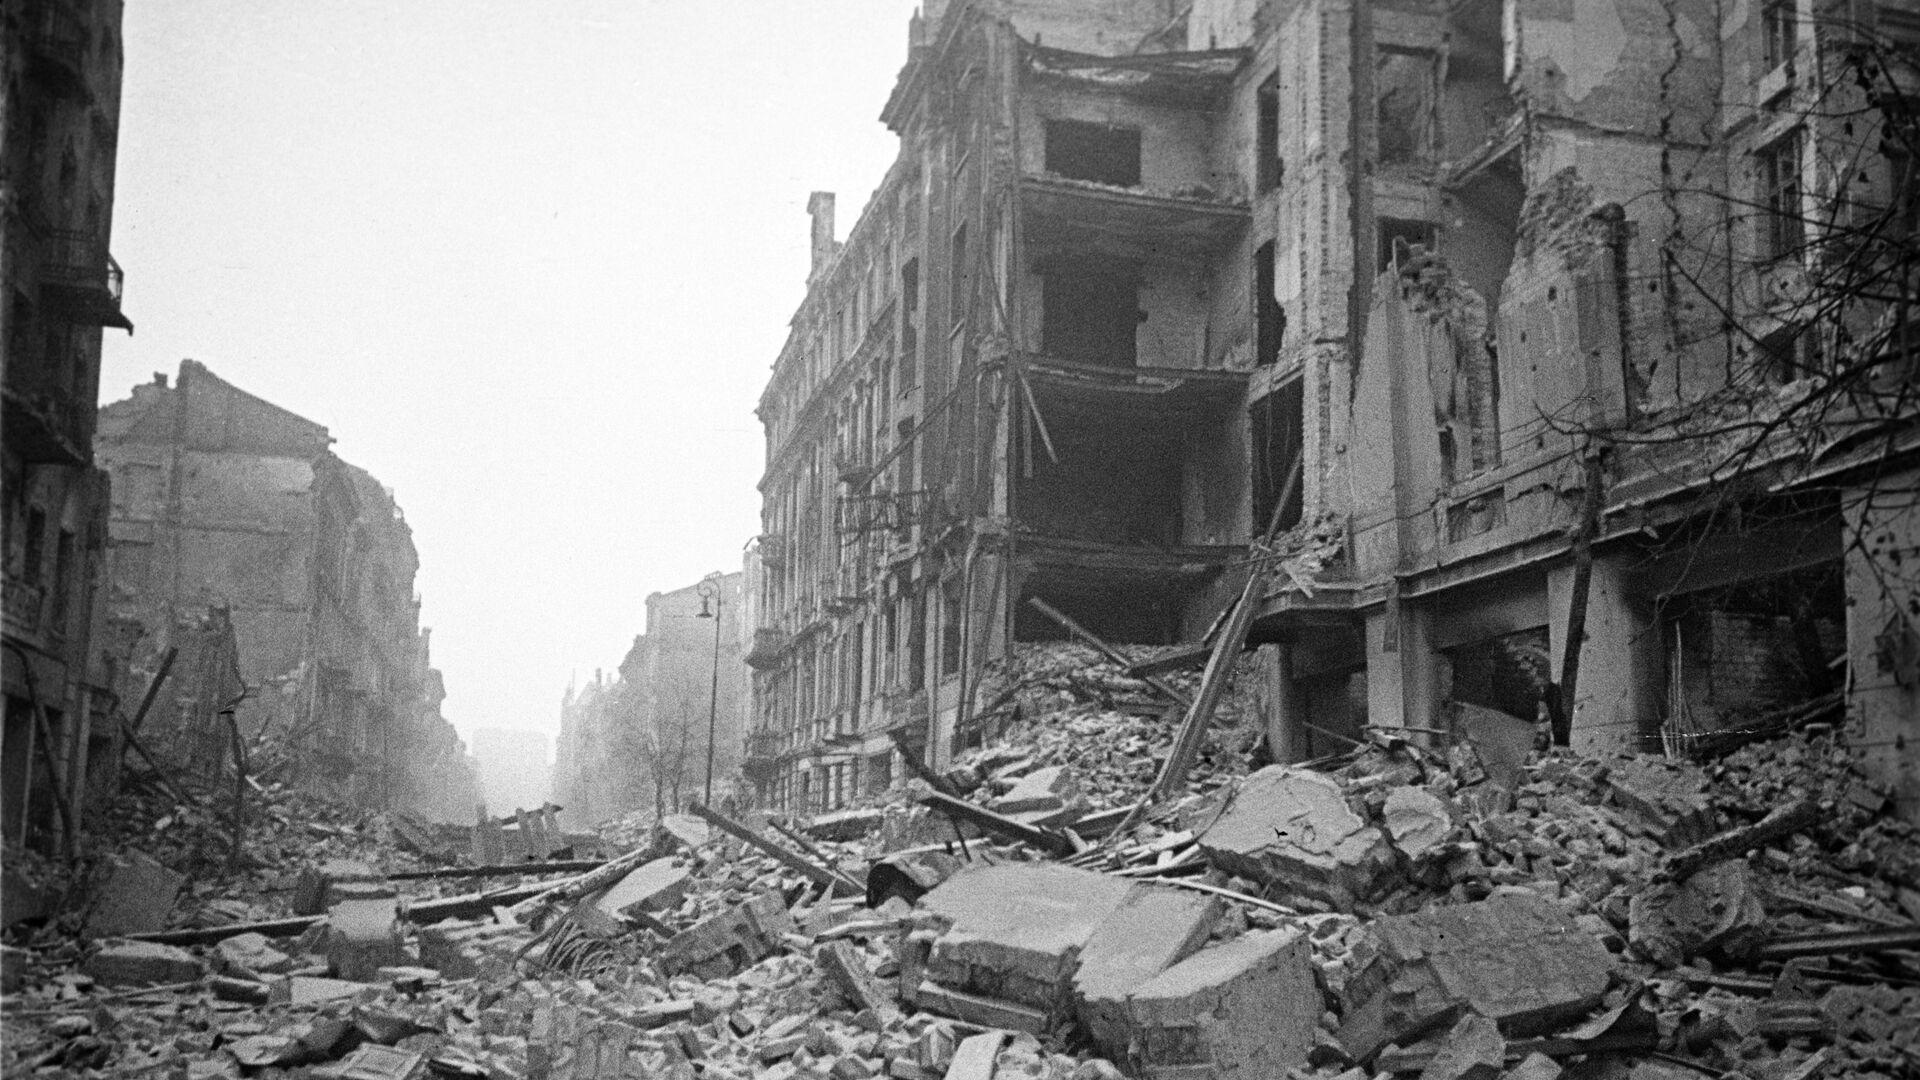 Widok na warszawską ulicę w latach II wojny światowej - Sputnik Polska, 1920, 27.06.2021